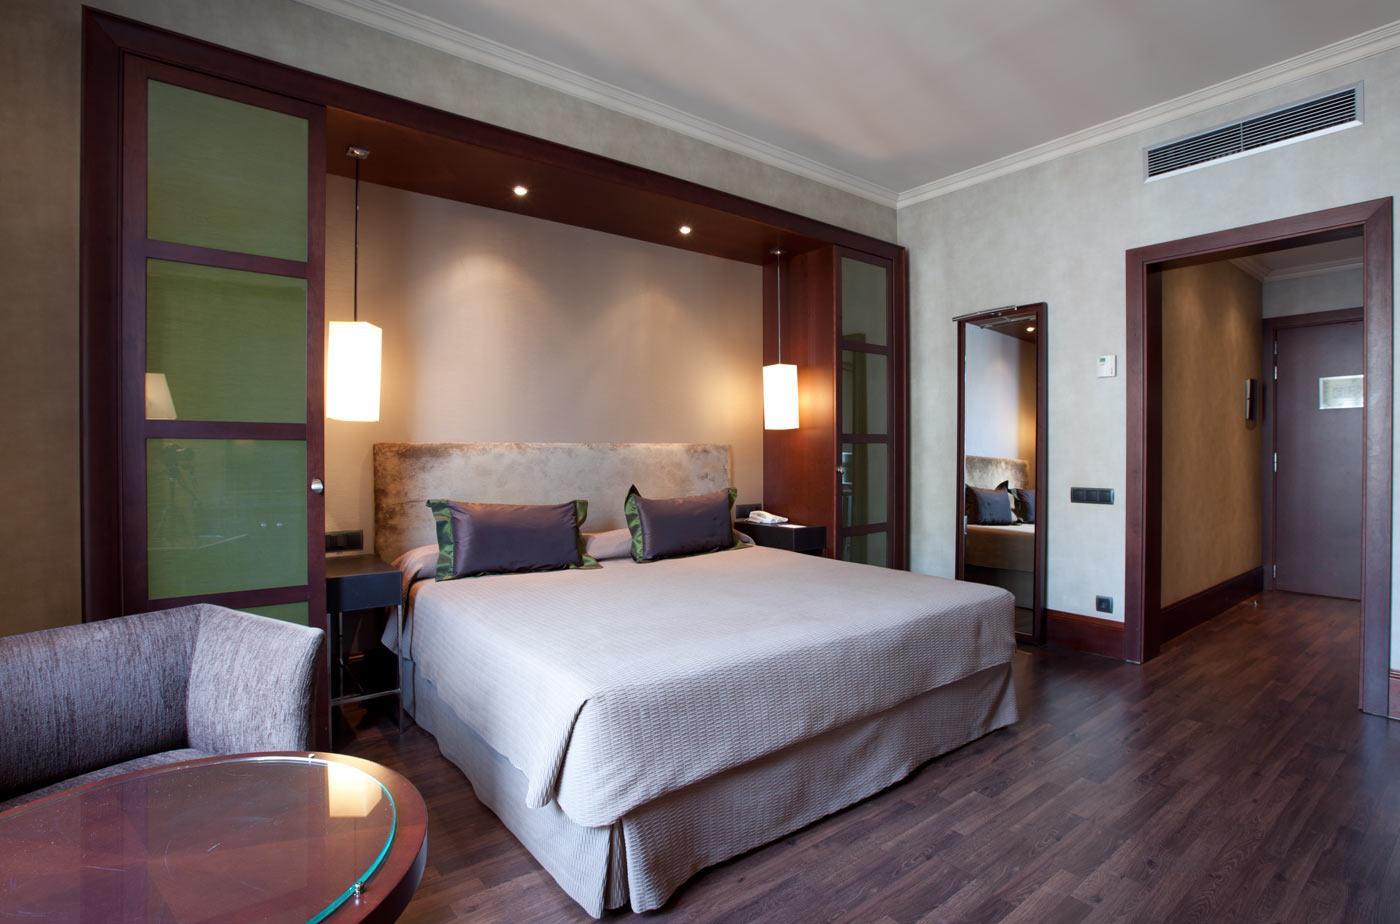 Hotel barcelona center barat simo for Hotel barcelona habitacion familiar